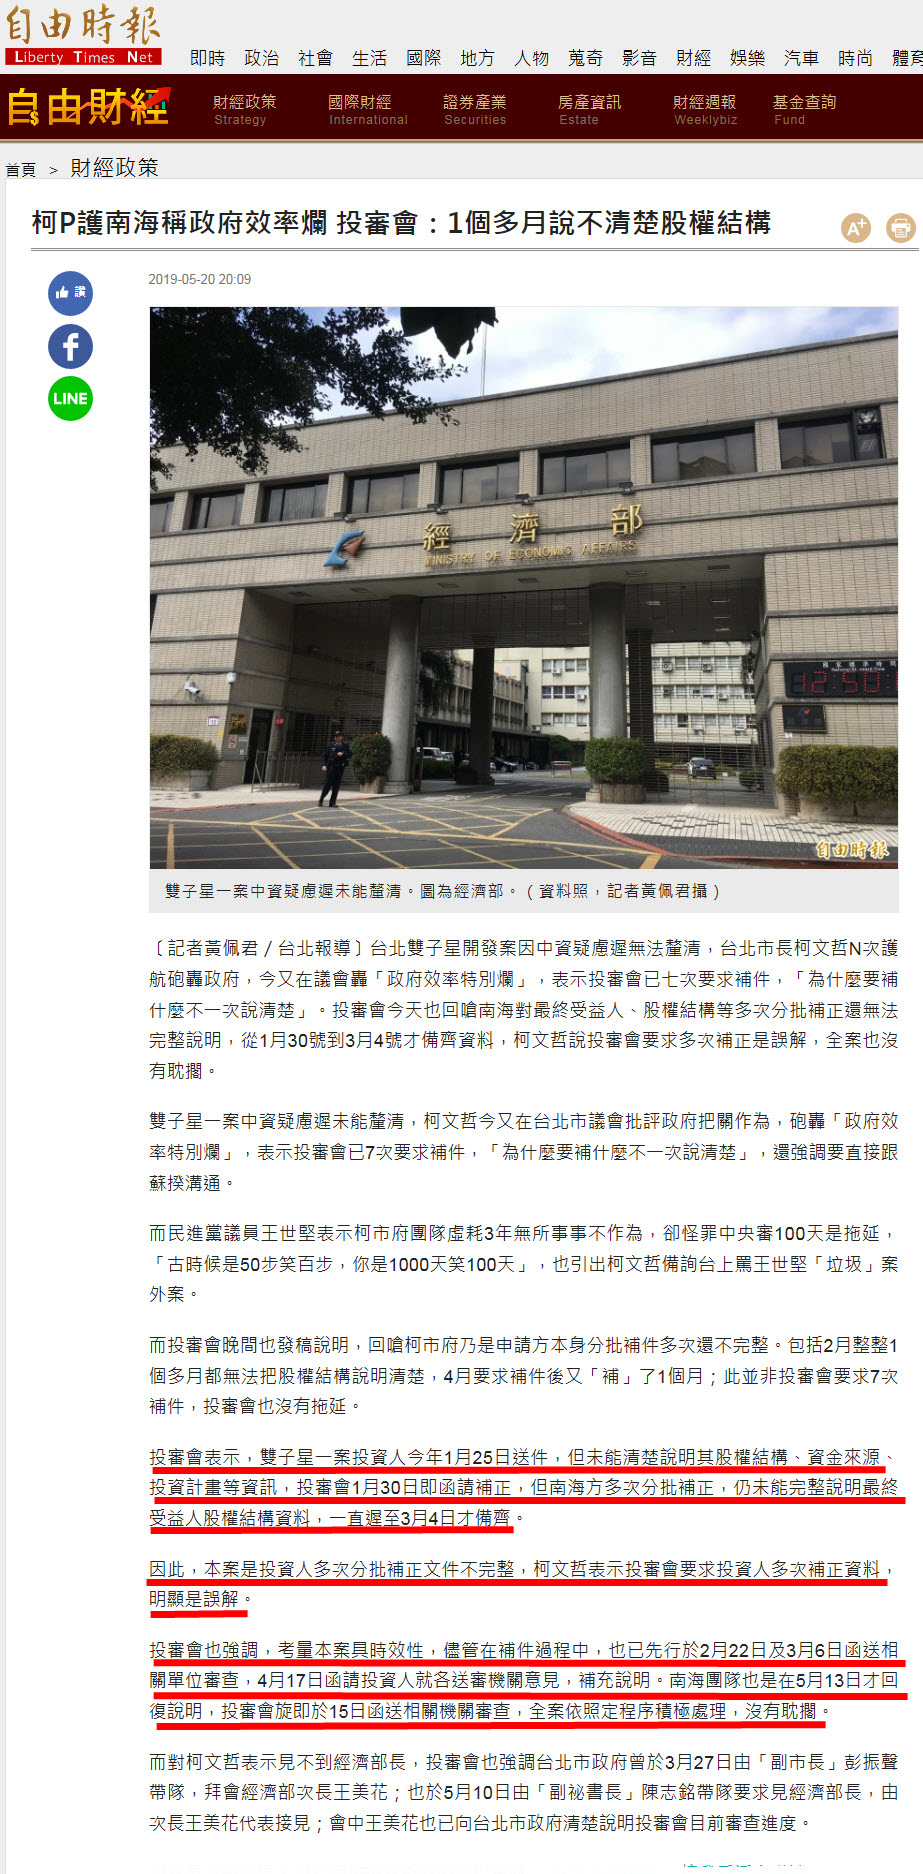 柯P護南海稱政府效率爛 投審會:1個多月說不清楚股權結構-2019.05.20.jpg